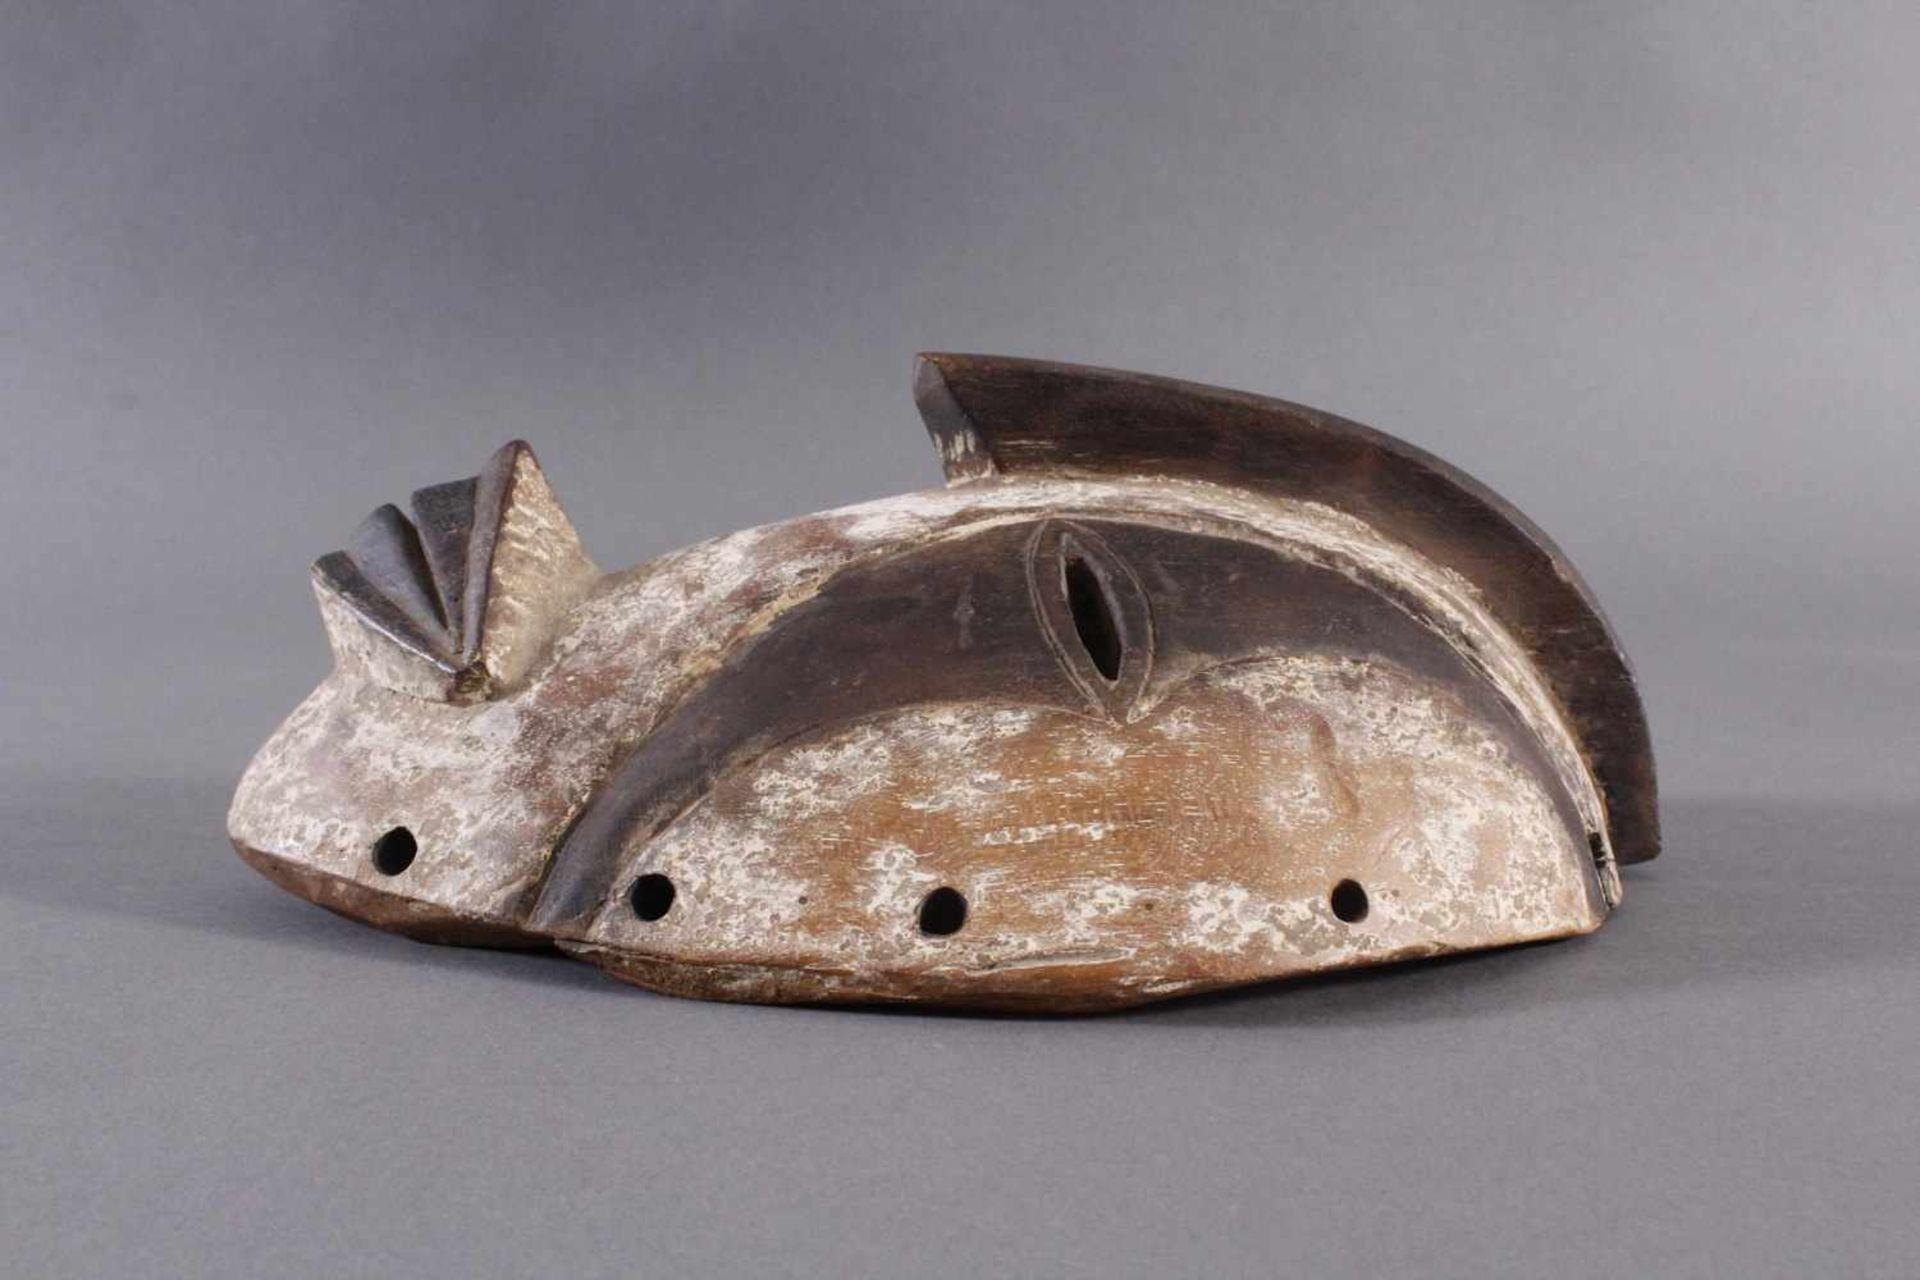 Antike Maske, Gabun 1. Hälfte 20. Jh.Holz geschnitzt, braune Patina, Kaolin Bemalung, ca. 11,5 x - Bild 4 aus 5